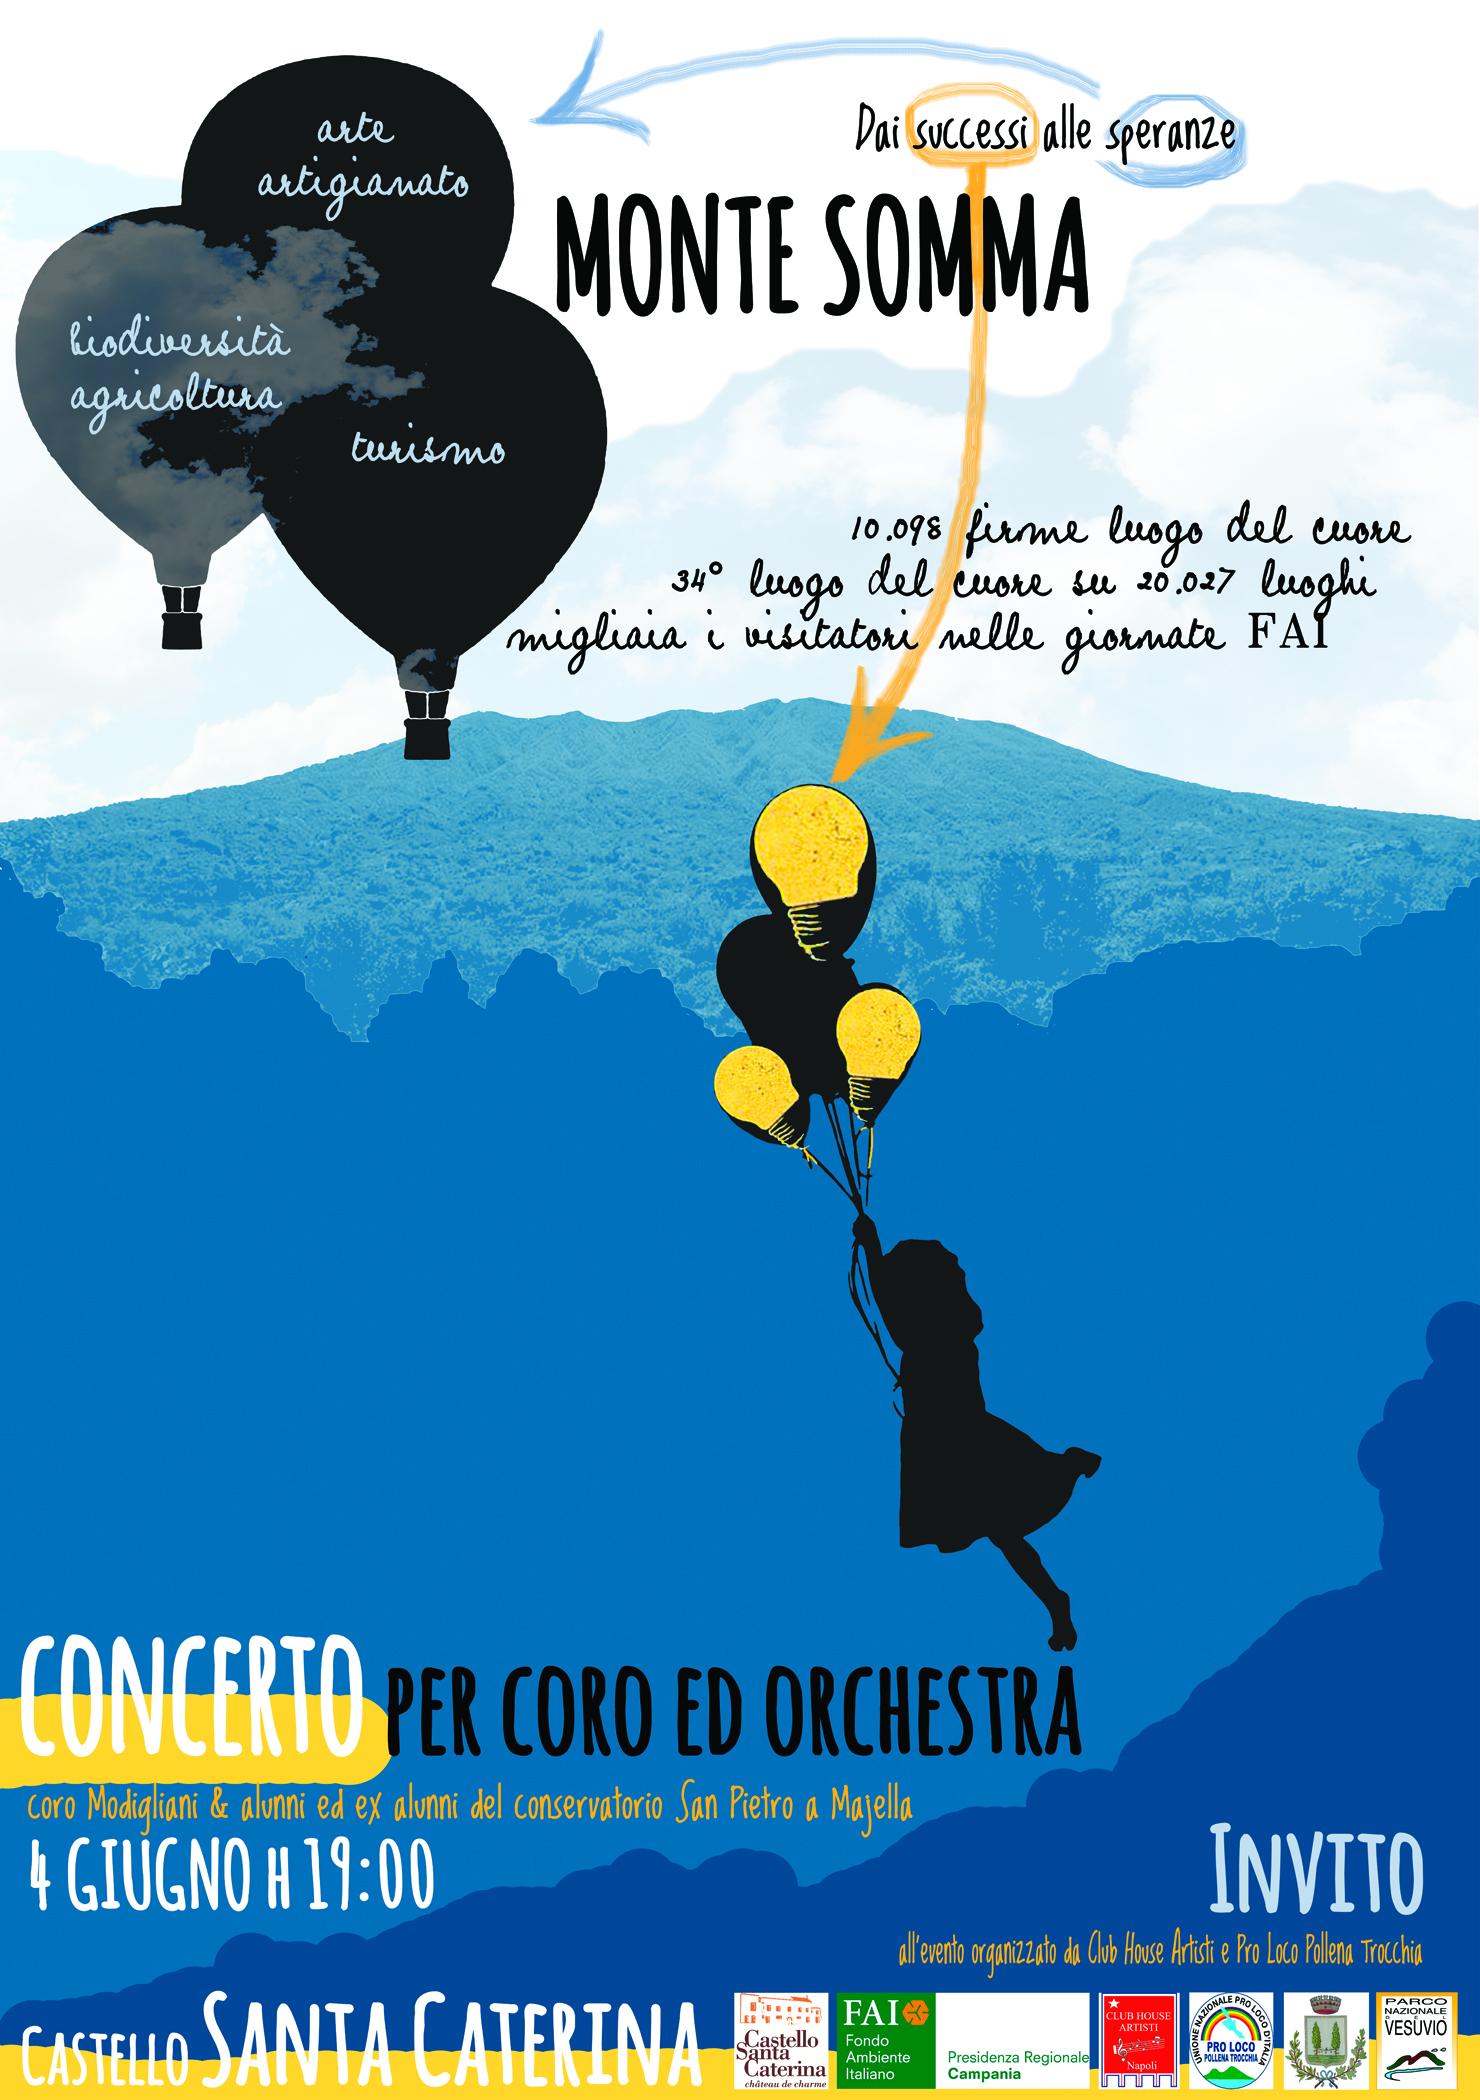 """""""Dai successi alle speranze"""", il 4 giugno al Castello Santa Caterina il concerto per coro ed orchestra, organizzato dal Club House artisti e dalla Pro Loco Pollena Trocchia"""